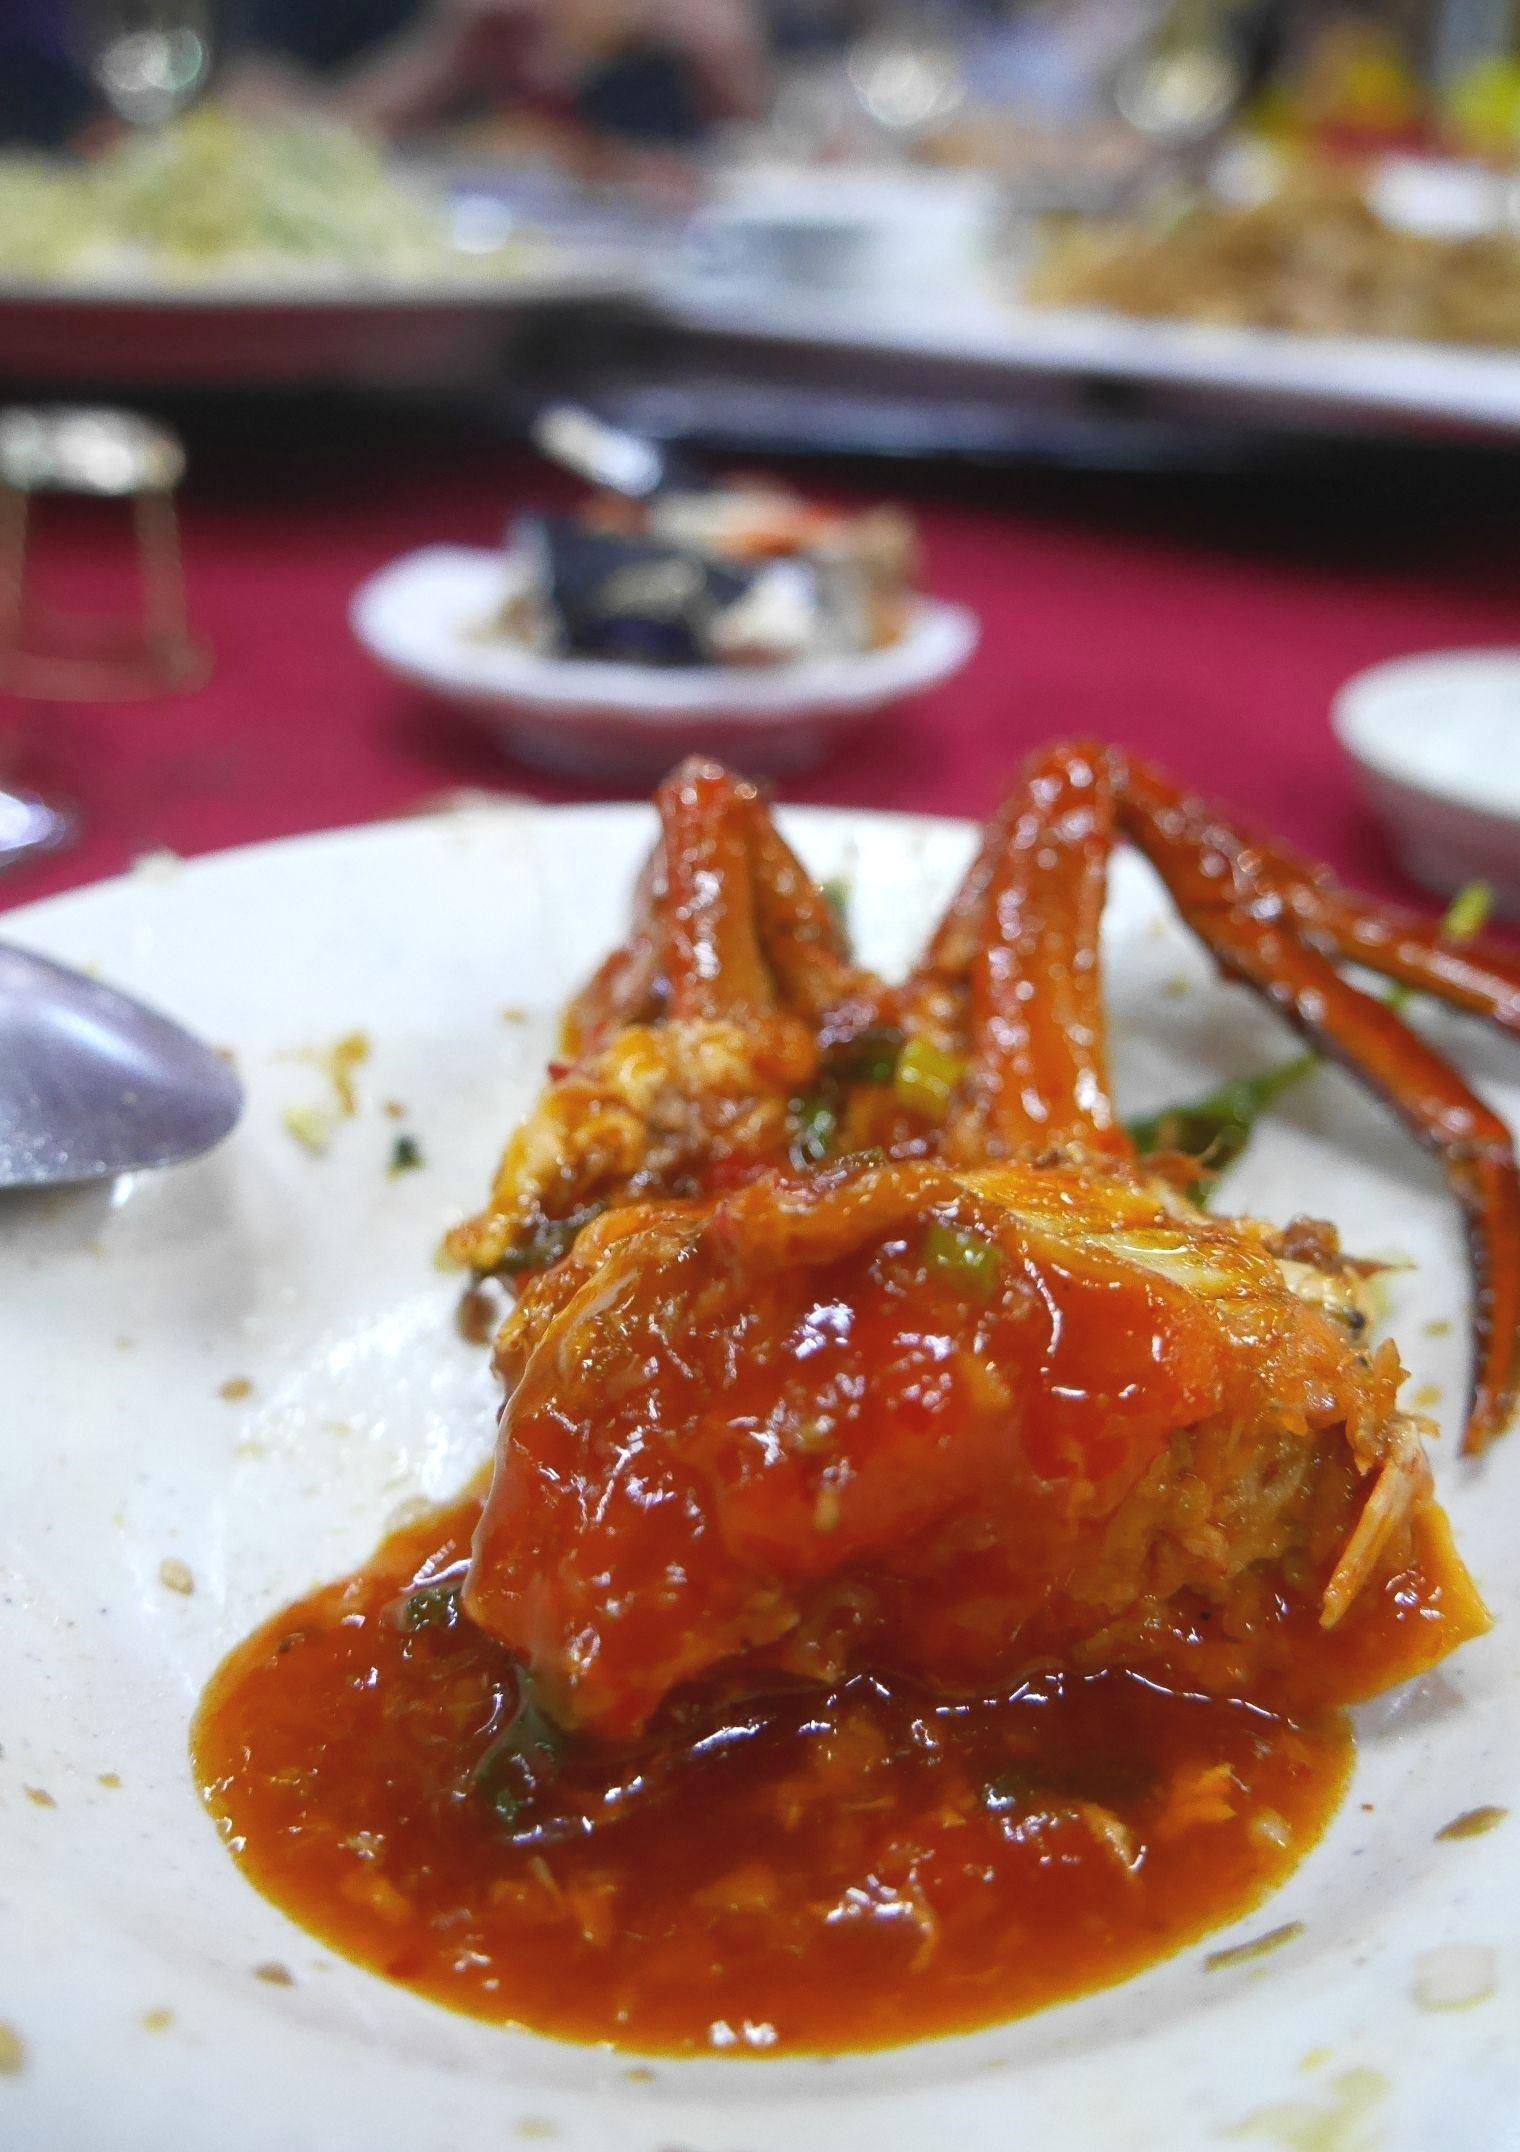 Malaysian style chilli crab